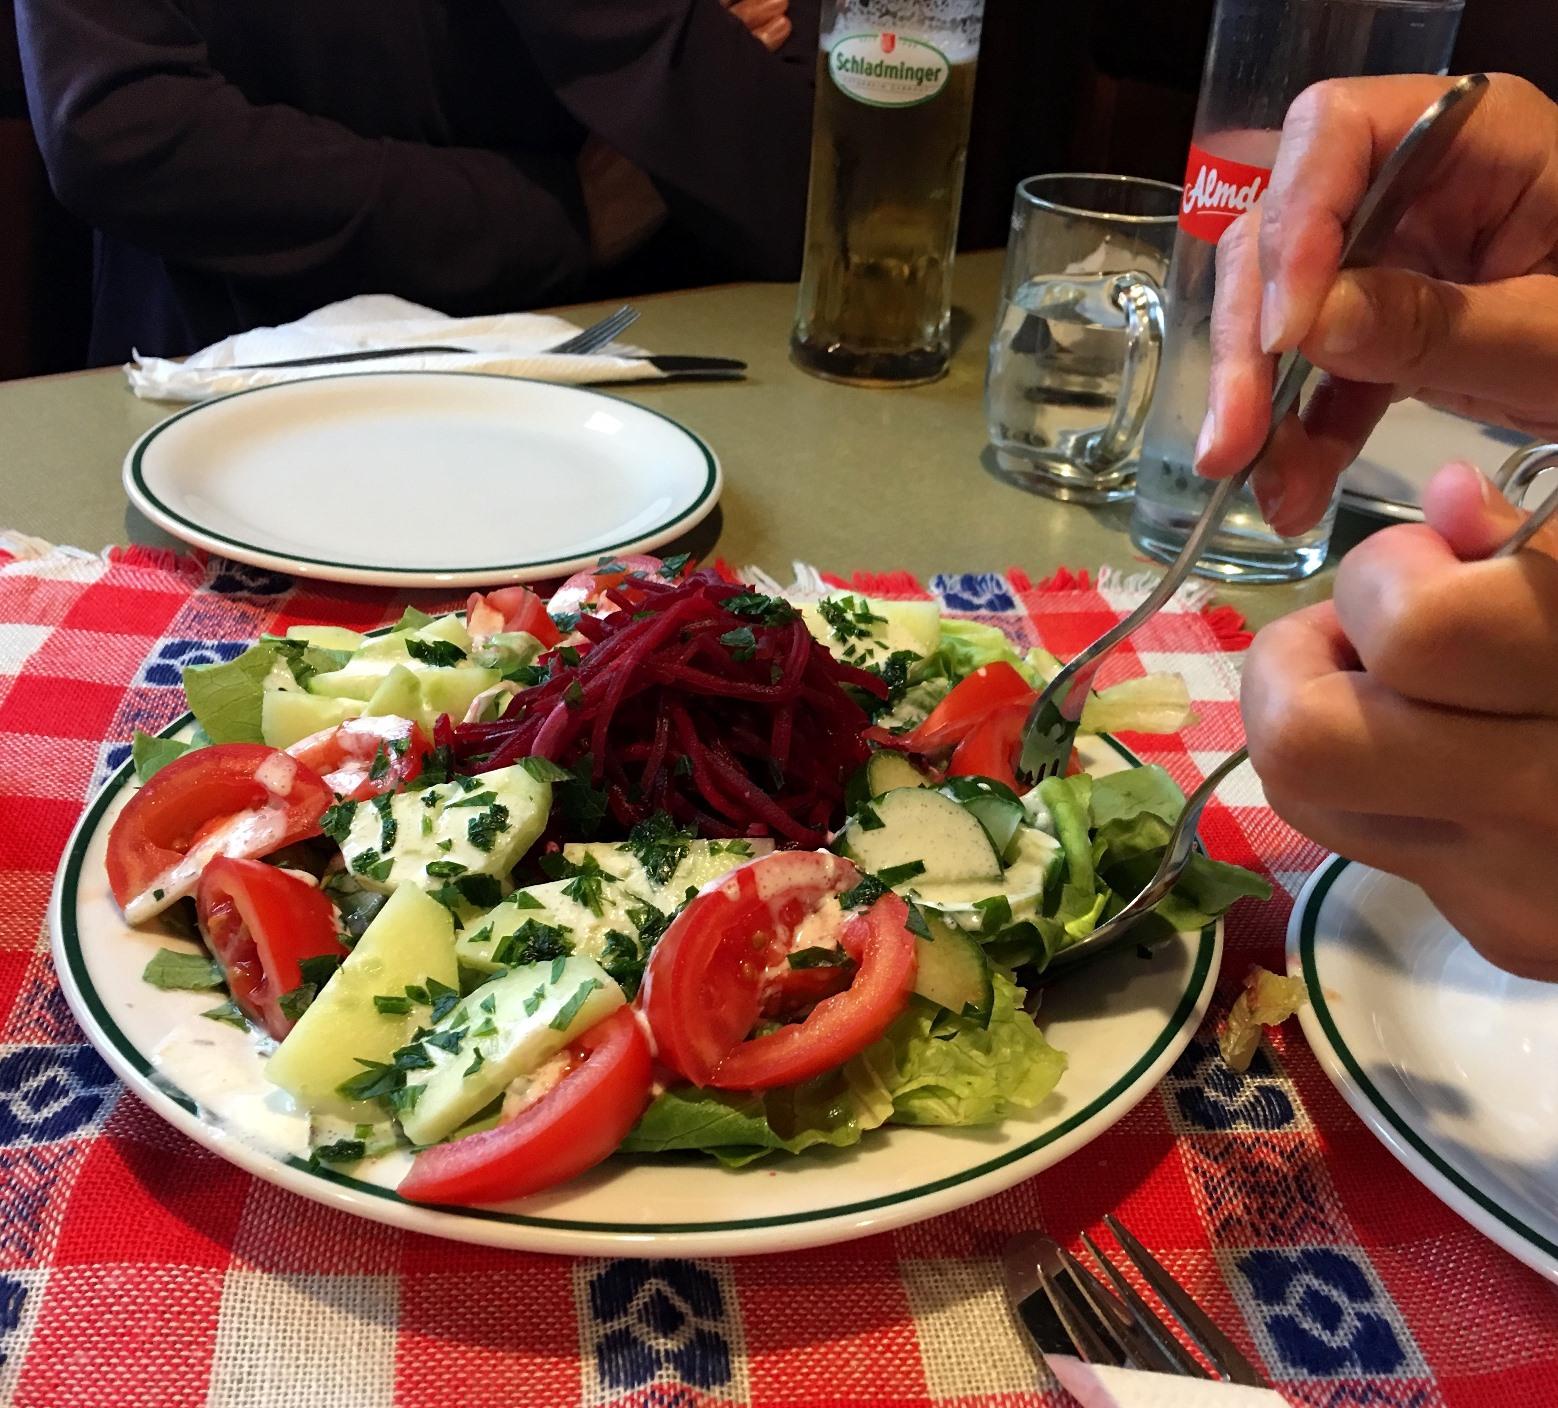 山小屋の食事は野菜も出るように配慮